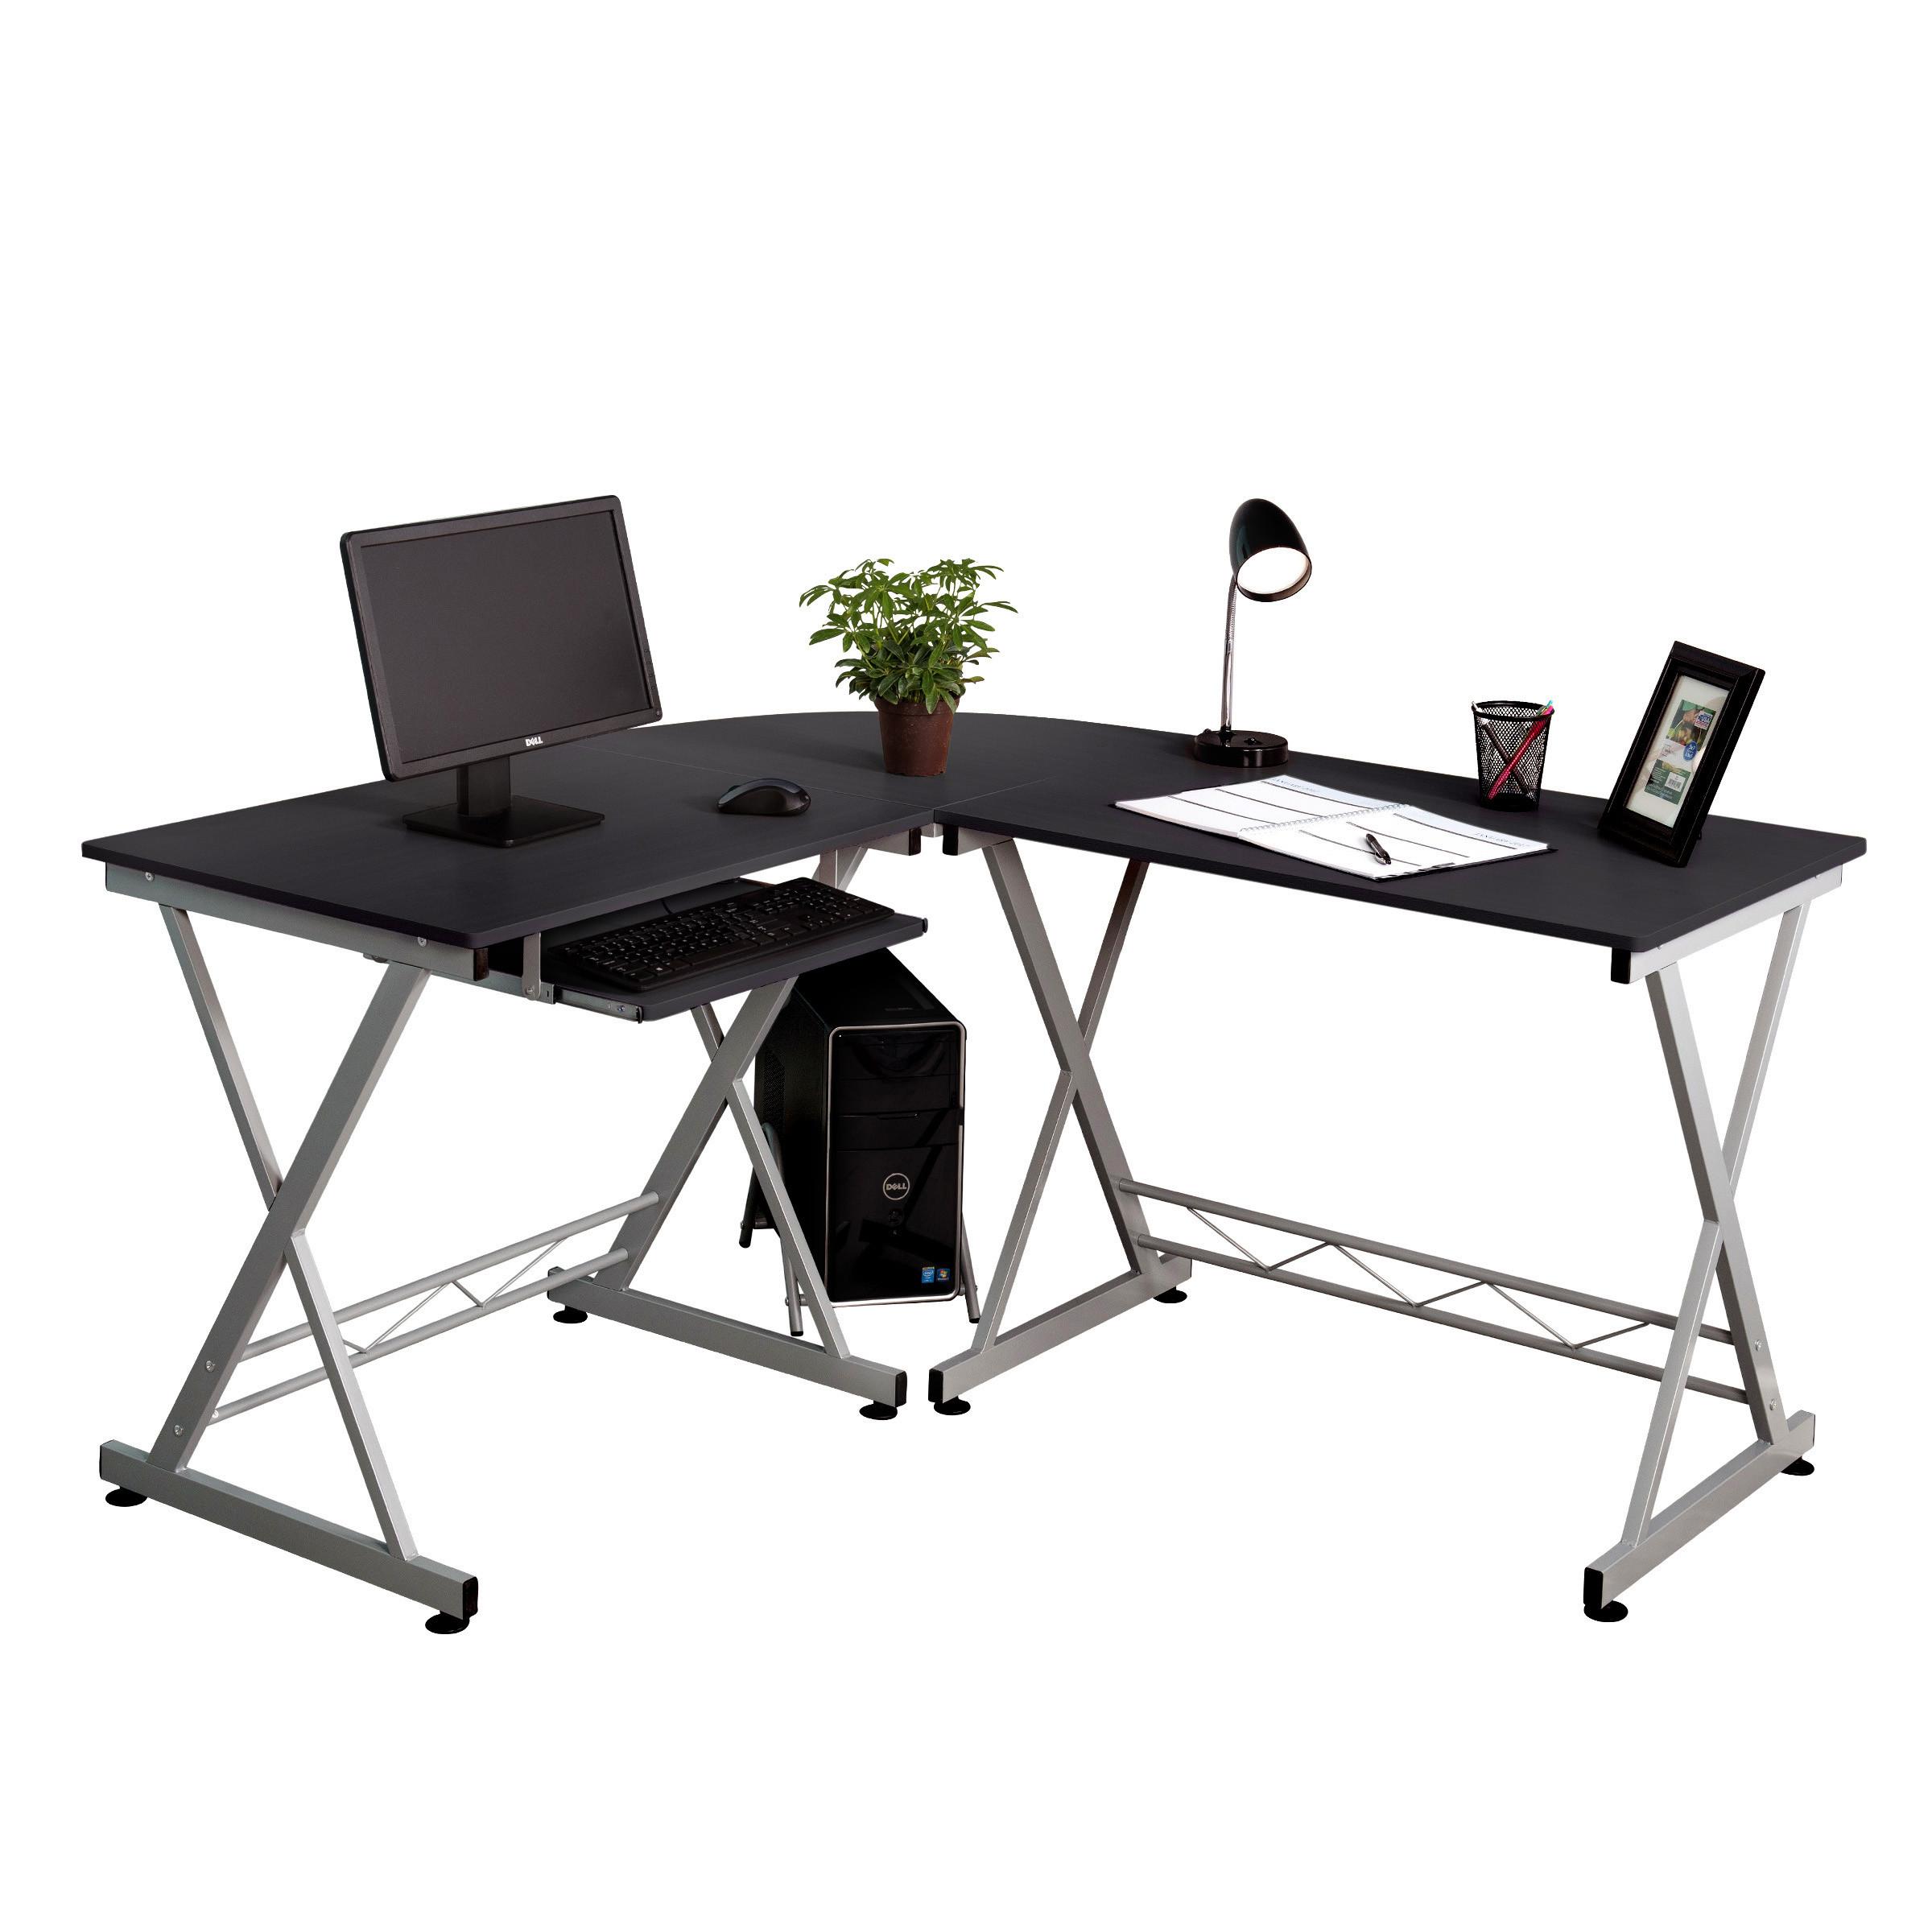 l shaped corner computer desk pc wood laptop table workstation home office black 699936099631 ebay. Black Bedroom Furniture Sets. Home Design Ideas